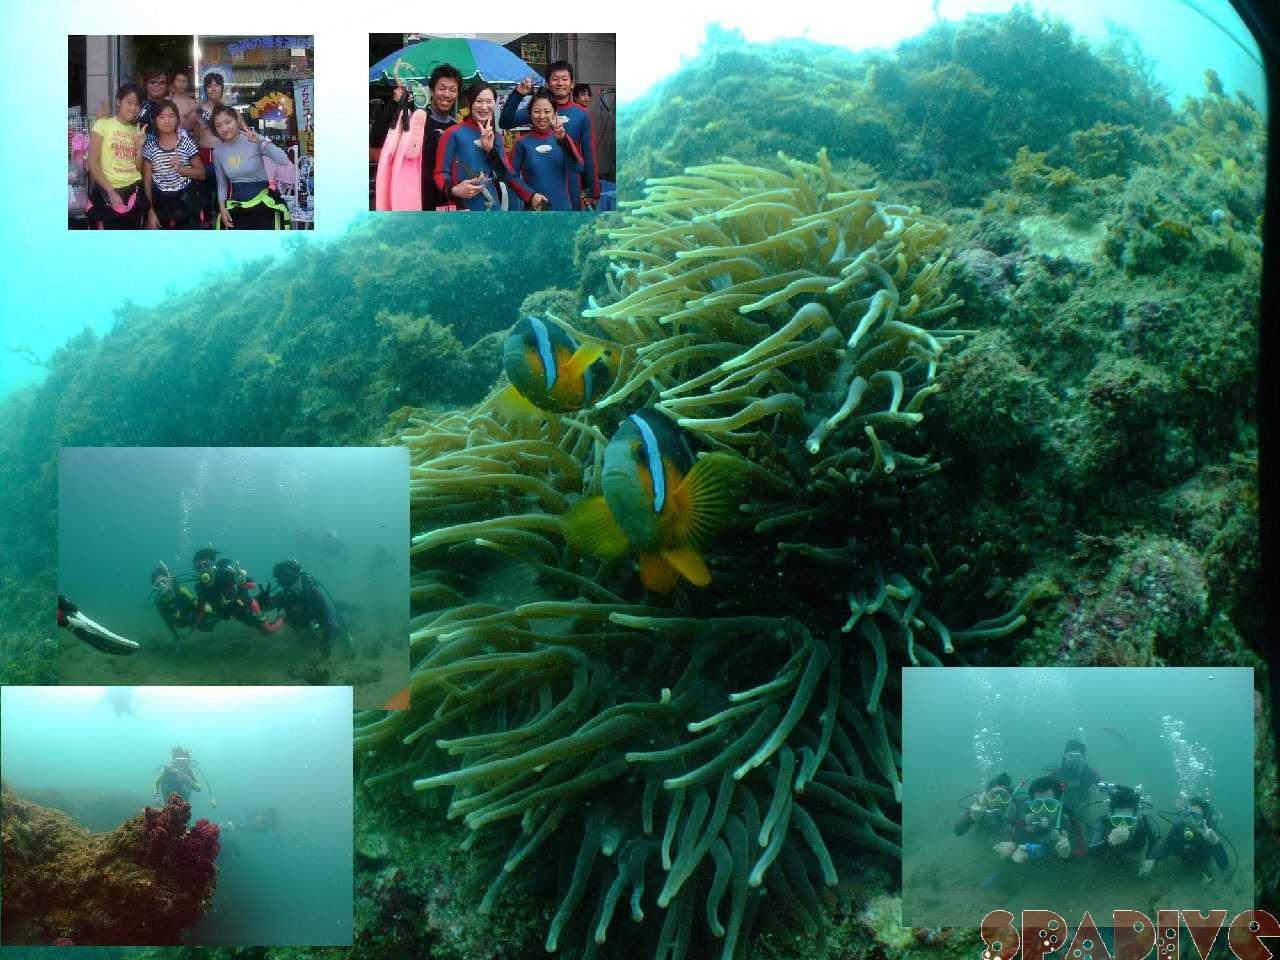 色津ボートファンダイブ&体験ダイビング|8/16/2008